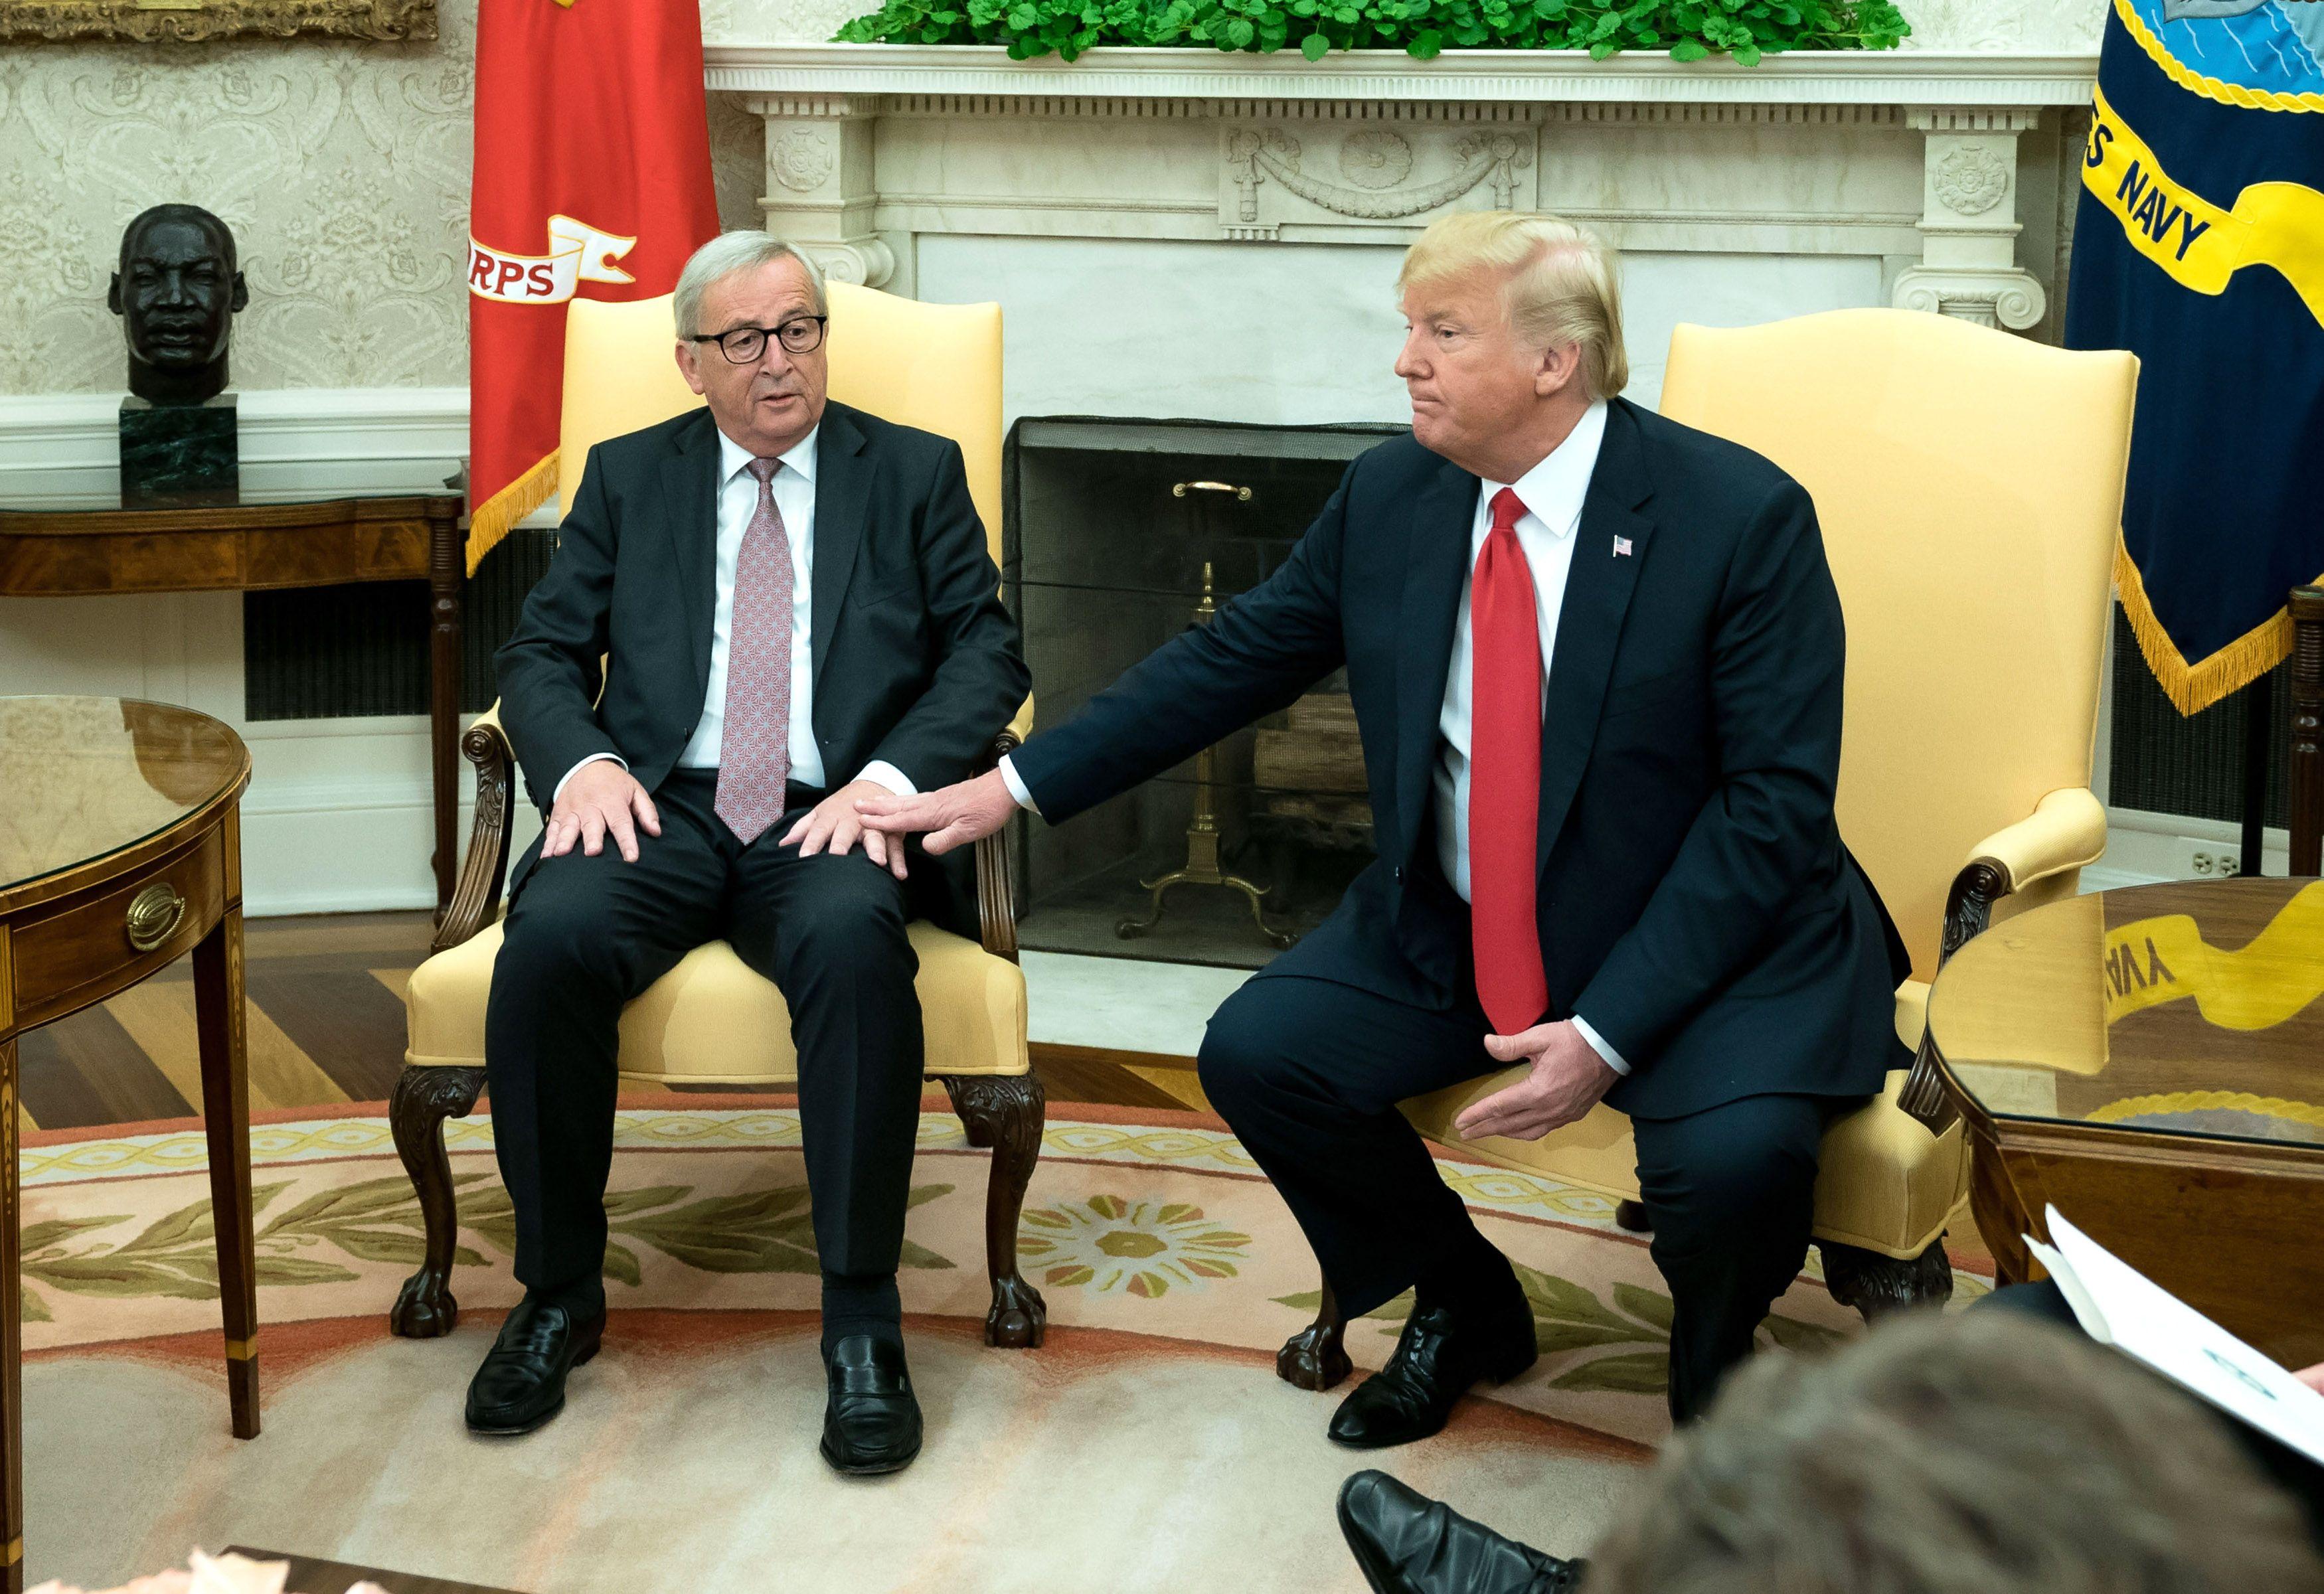 Trump and EU call trade war truce - Axios